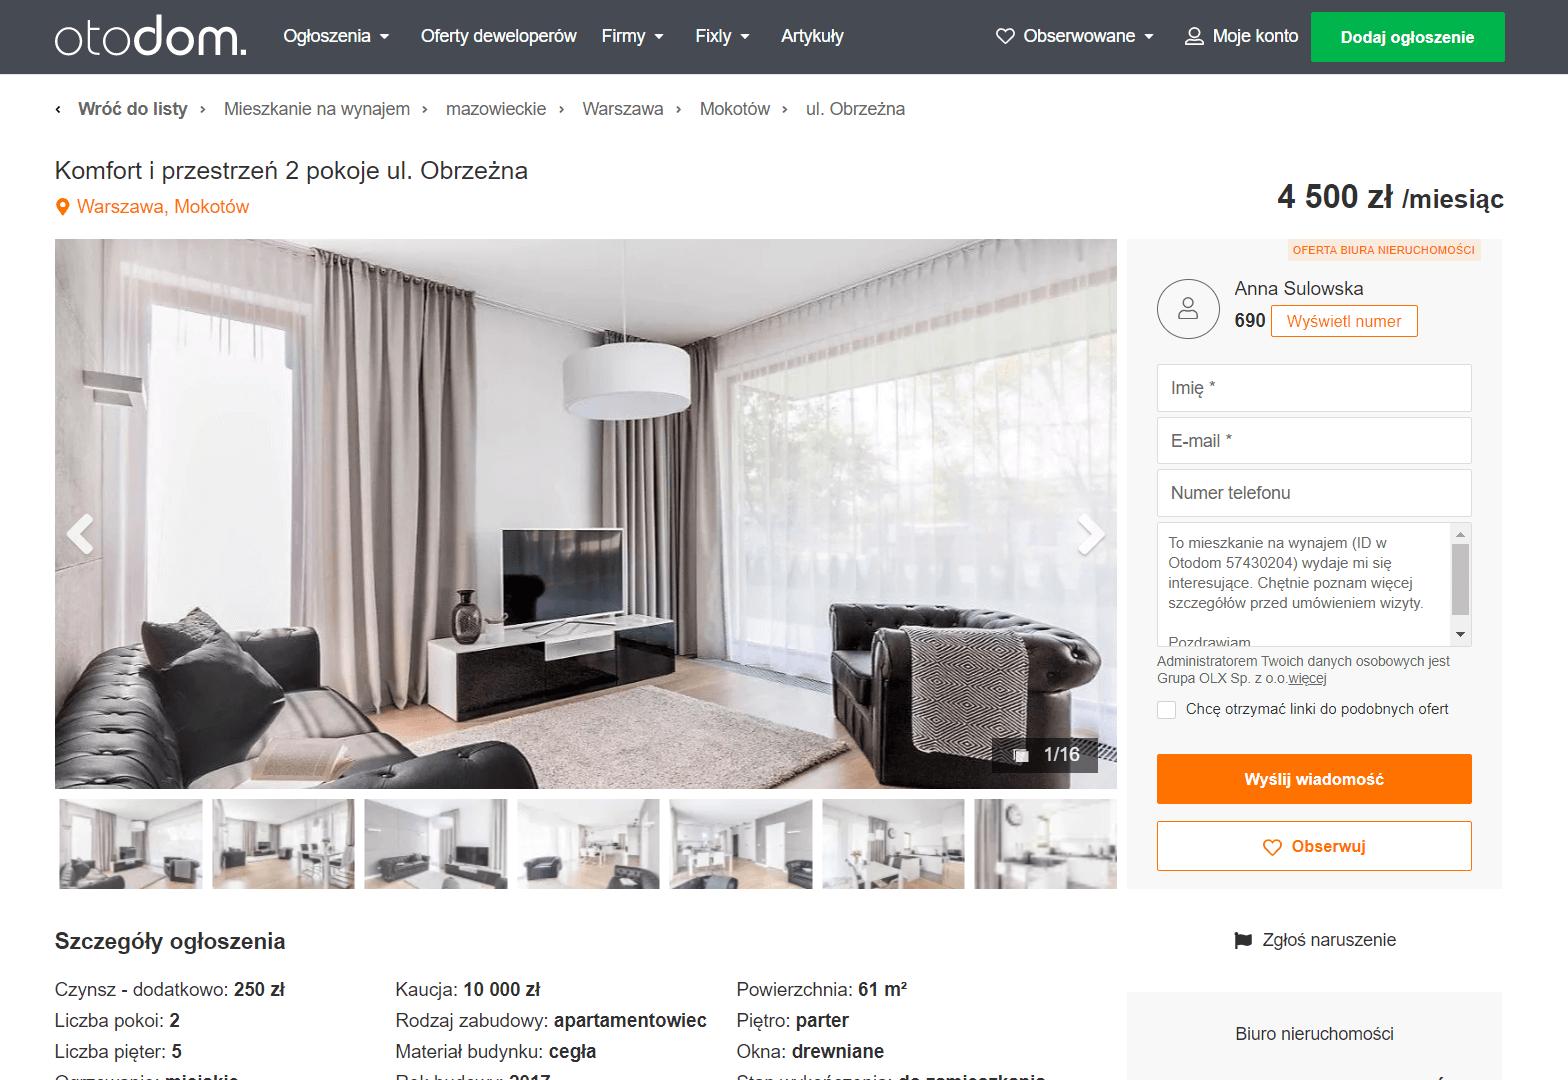 Поиск жилья в Польше